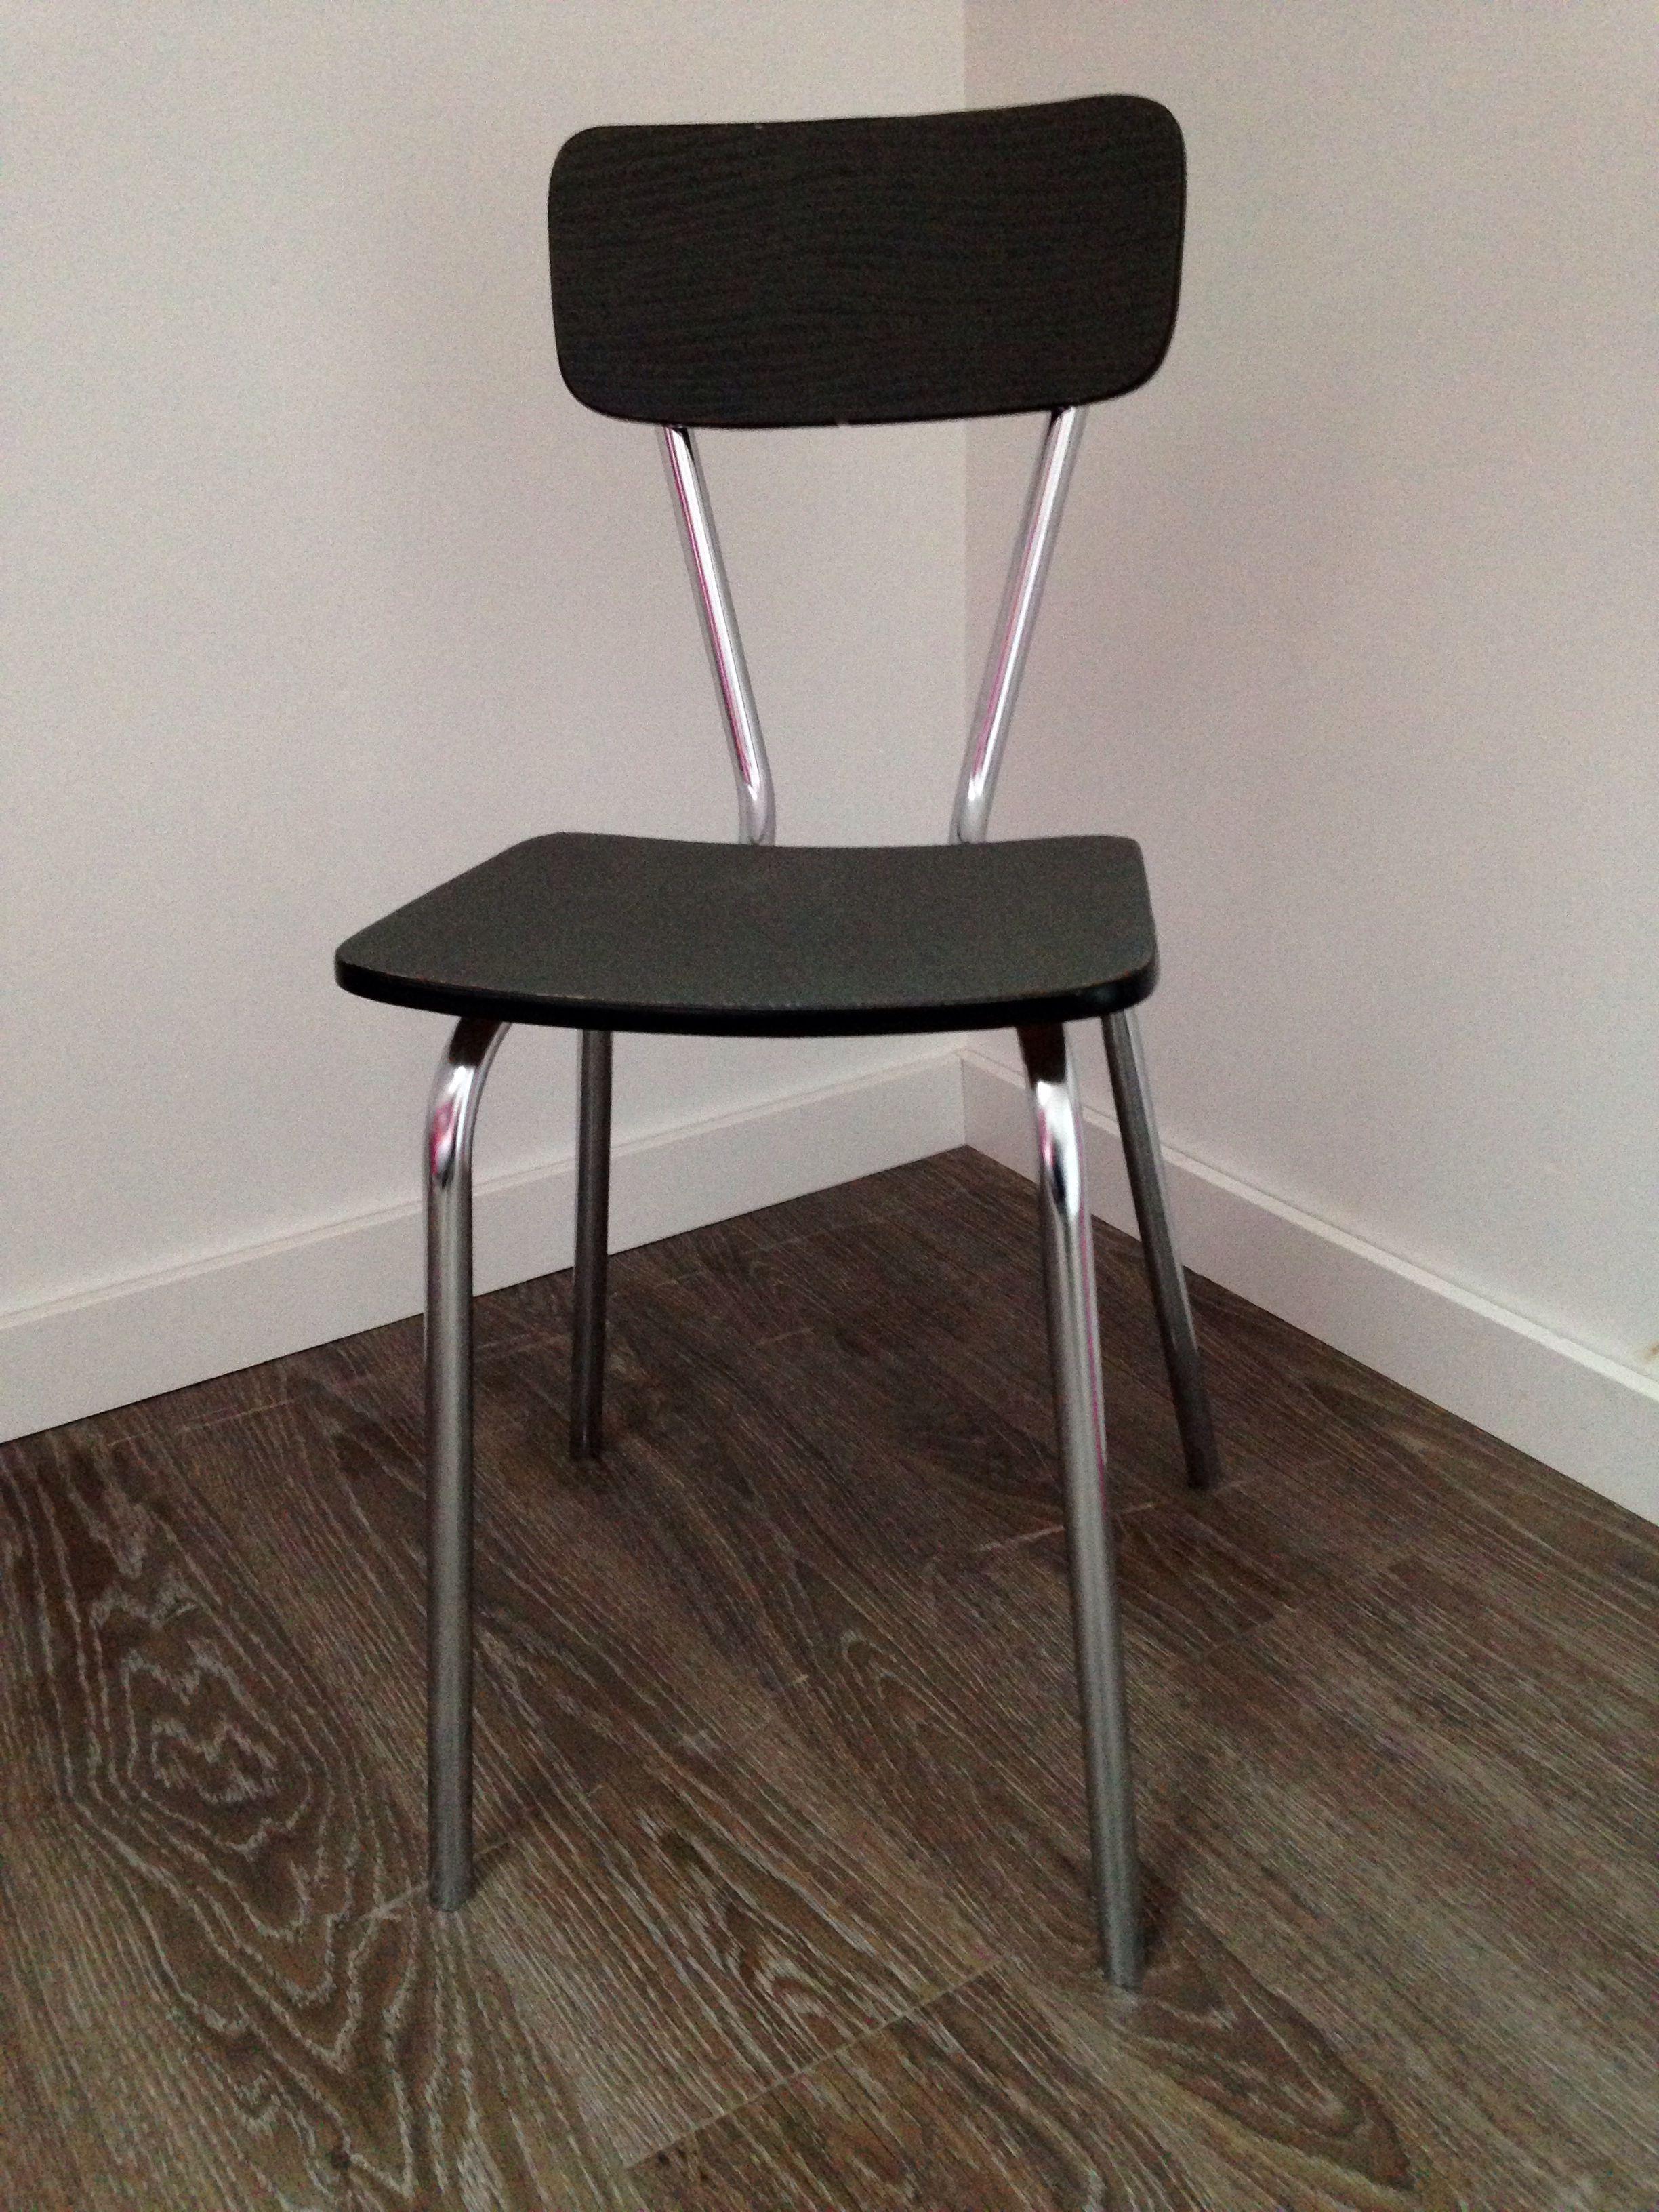 Chaise en formica relook e avec du papier peint pour l 39 mission tous ensemble angus atelier - Relooker une chaise en formica ...